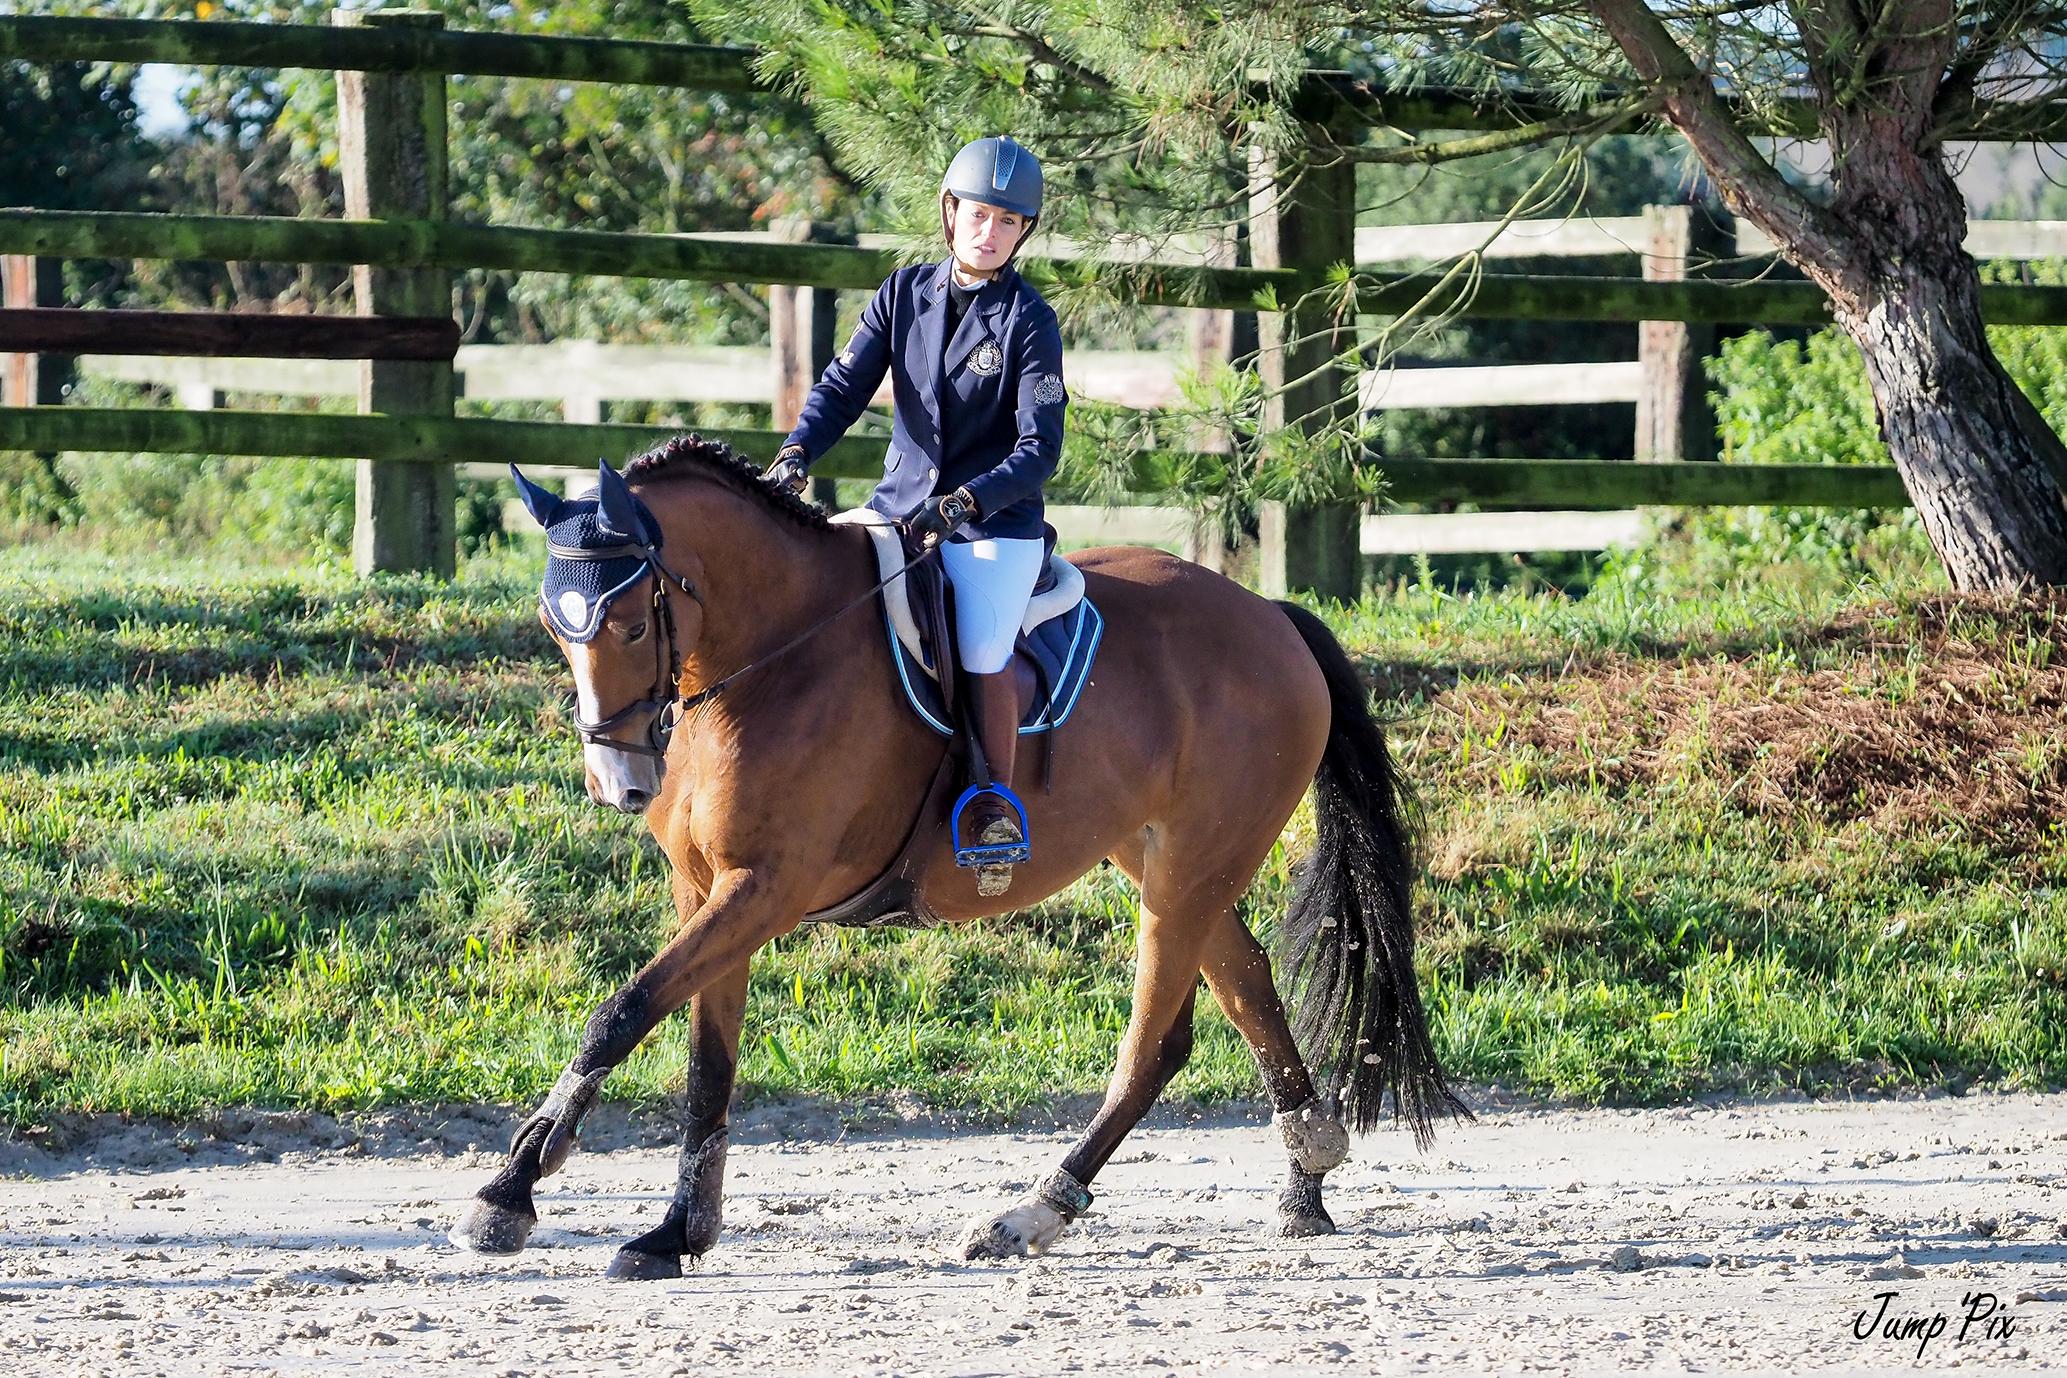 Évolution des chevaux de sport en photos